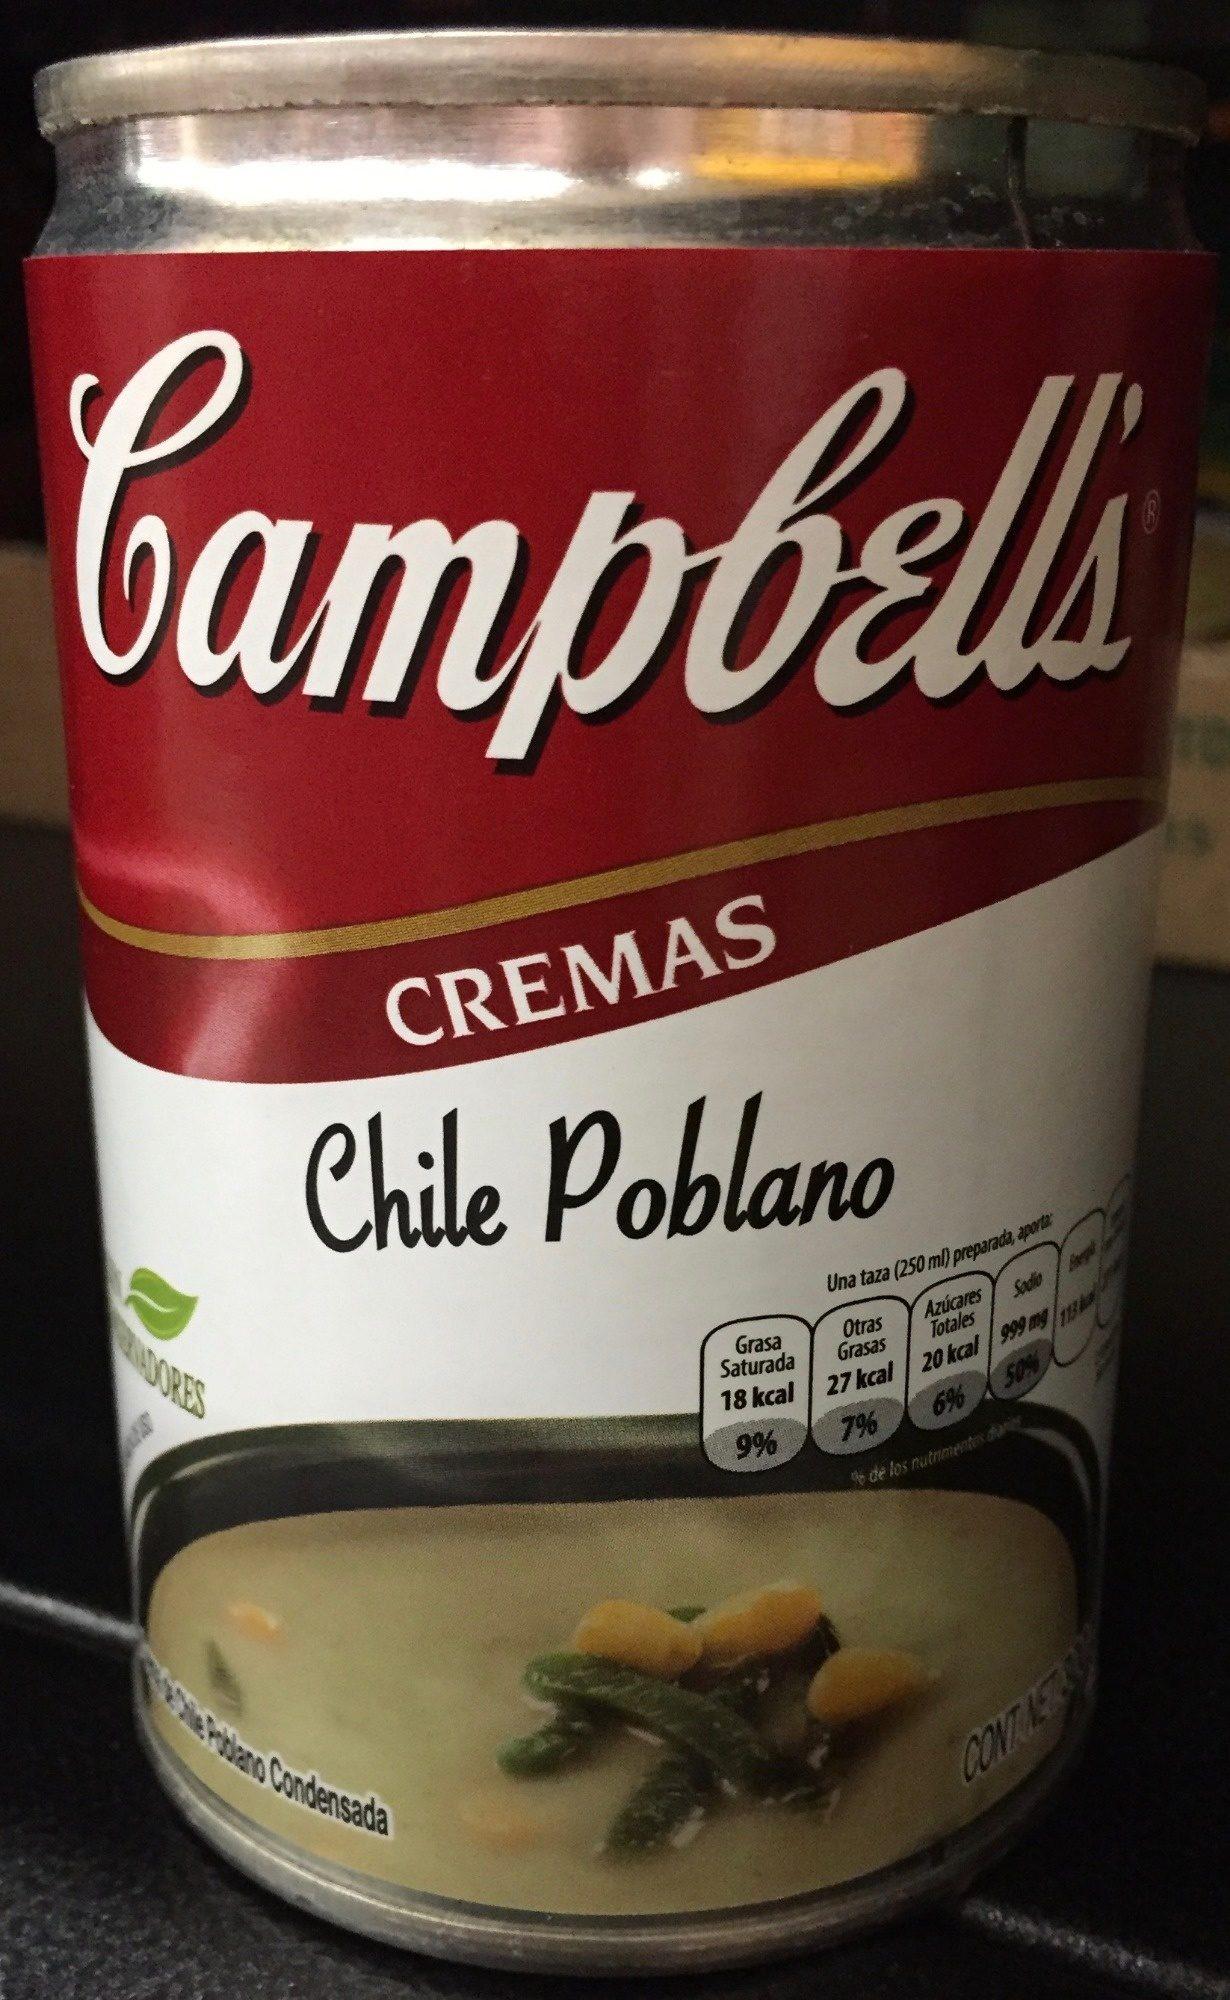 CREMAS CHILE POBLANO - Producto - es